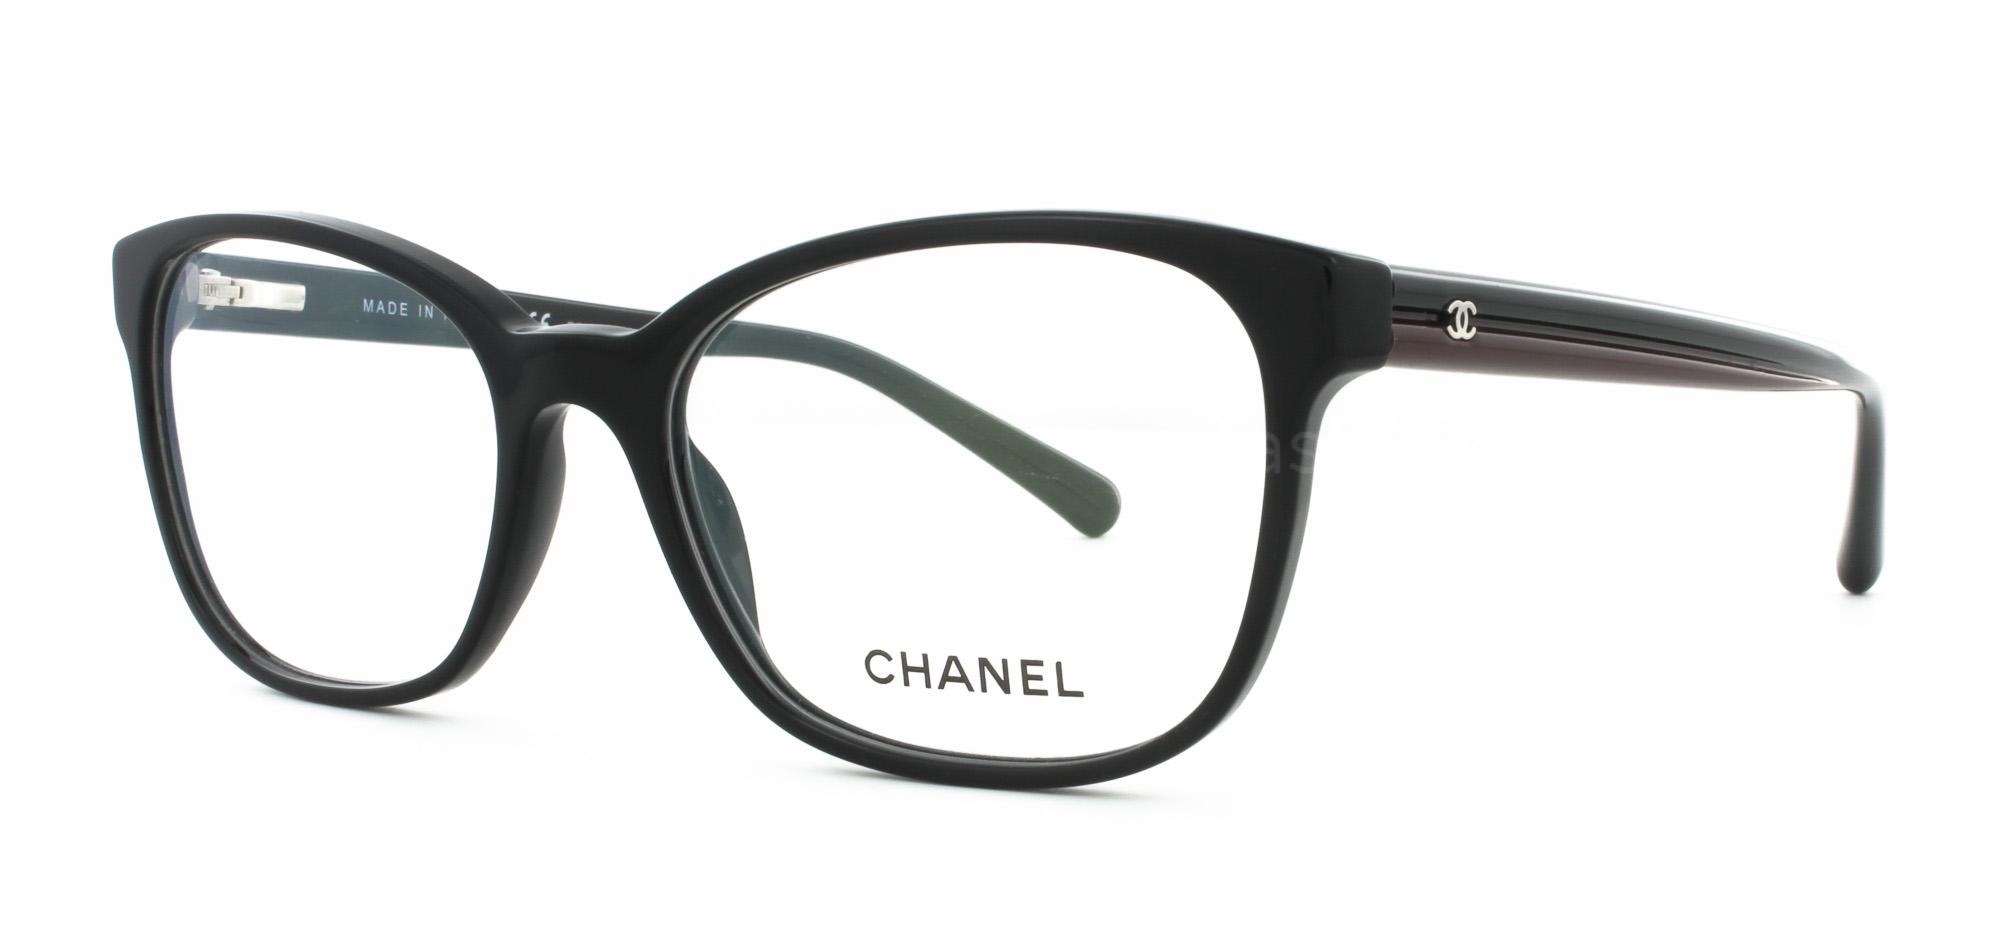 0e96e0db6eed Chanel 3313 Eyeglasses